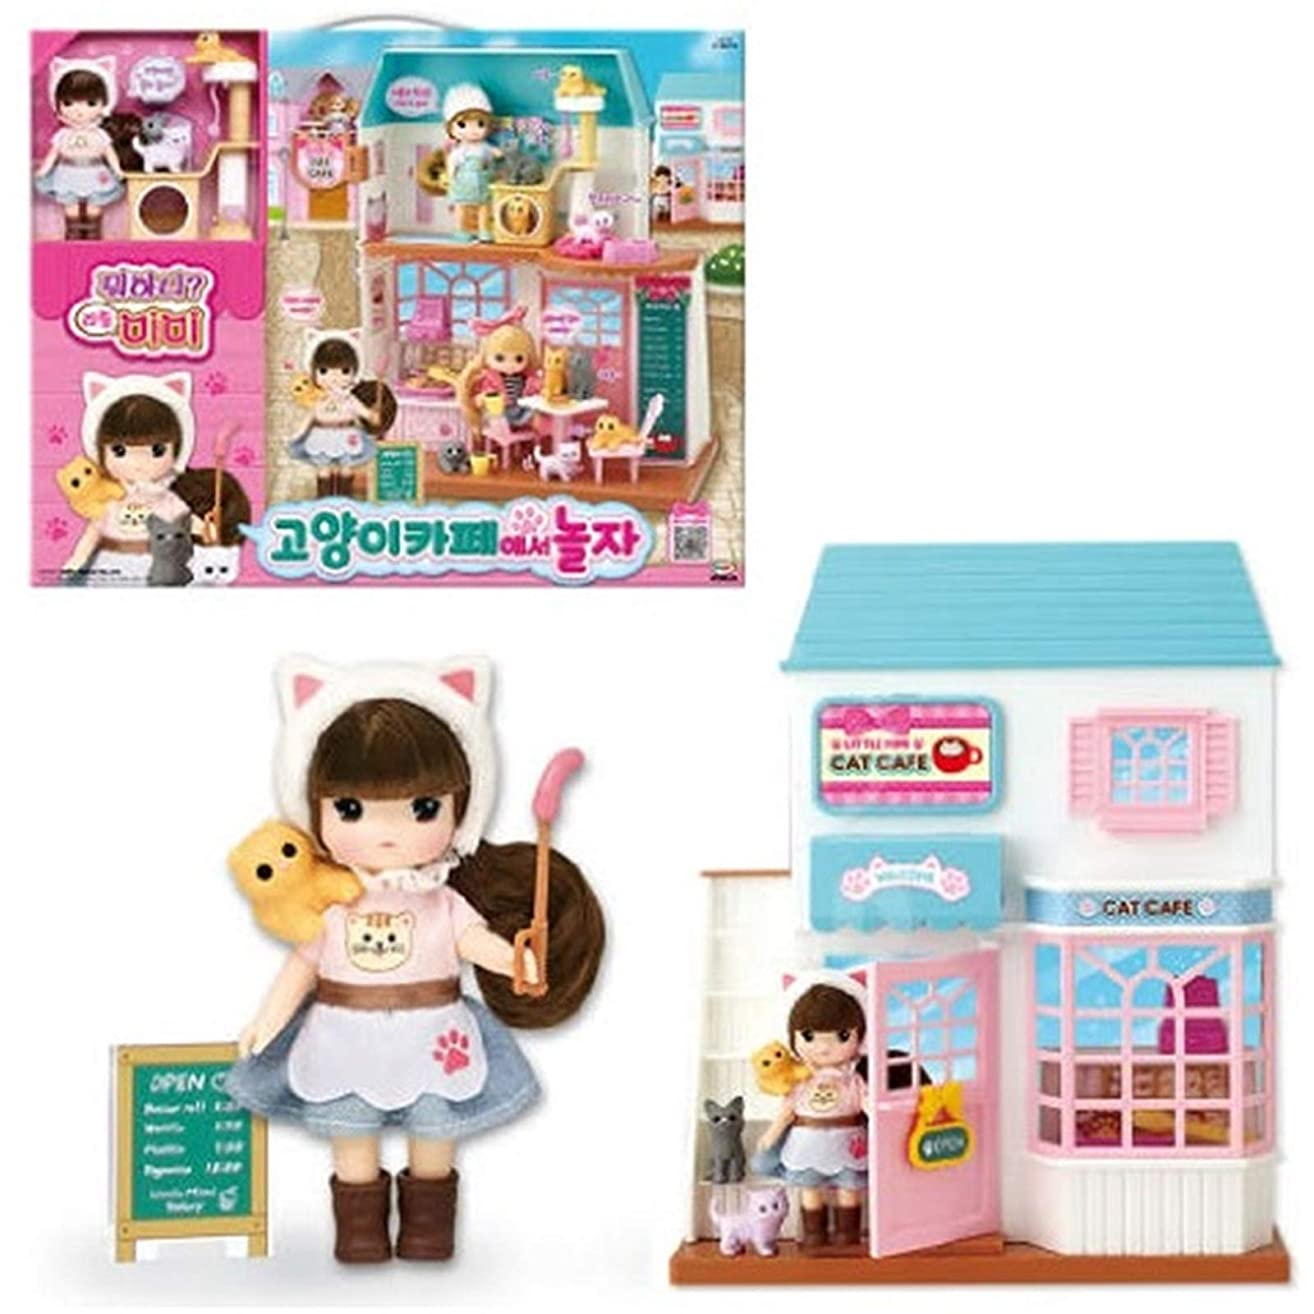 サドル荷物全部[ミミワールド] Mimi World リトルミミ 猫カフェで遊ぼう 人形遊びセット, マルチカラー [並行輸入品]